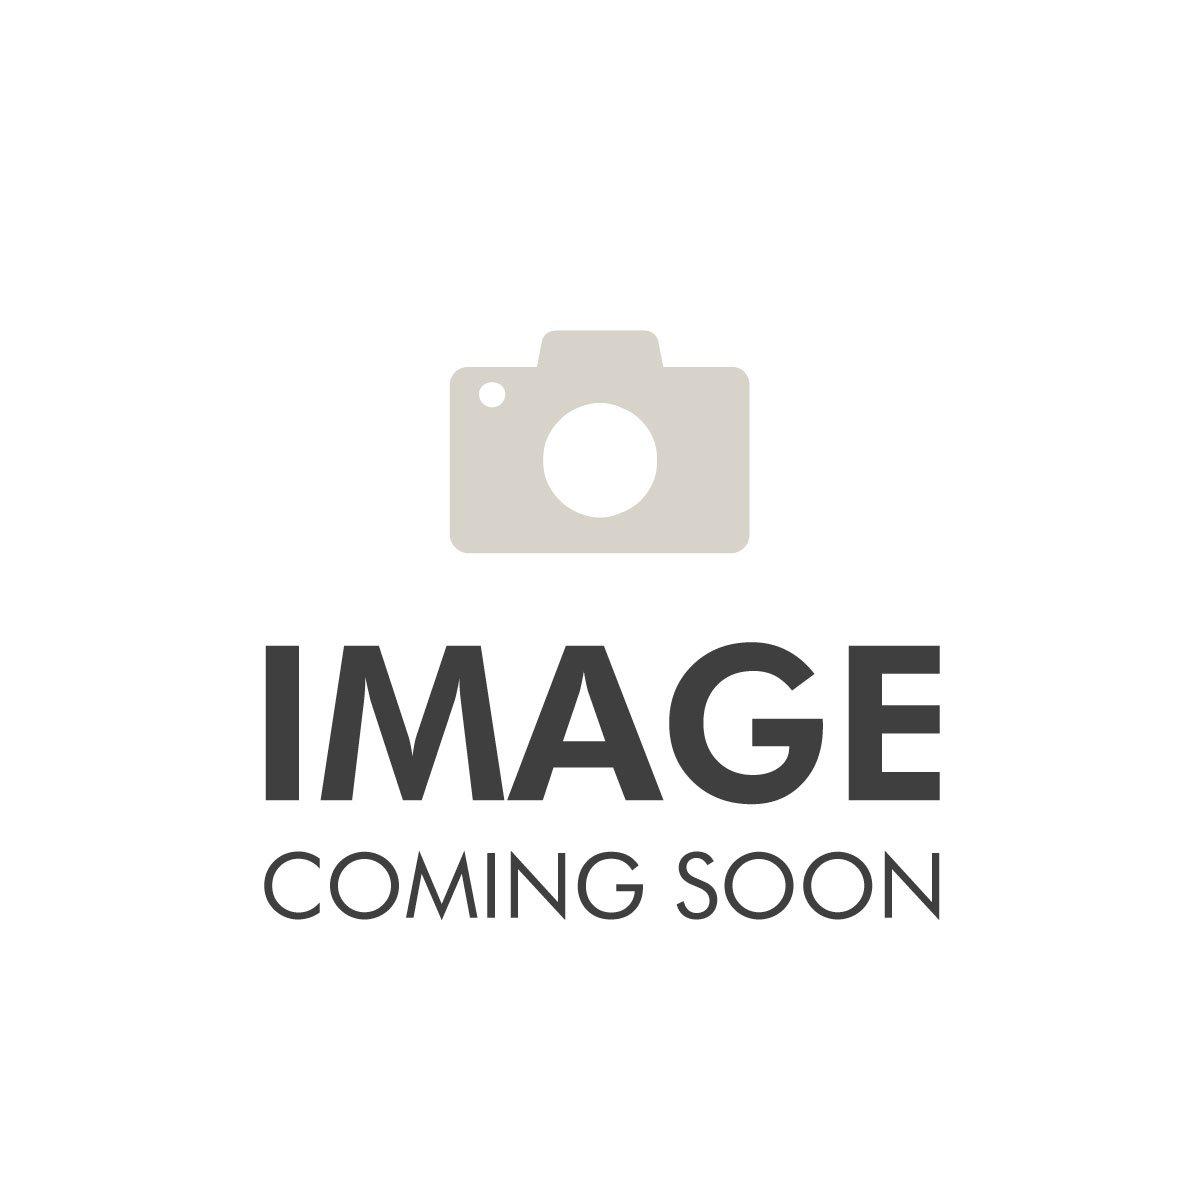 Uhlmann - Electric Foil/Sabre Pad - Felt